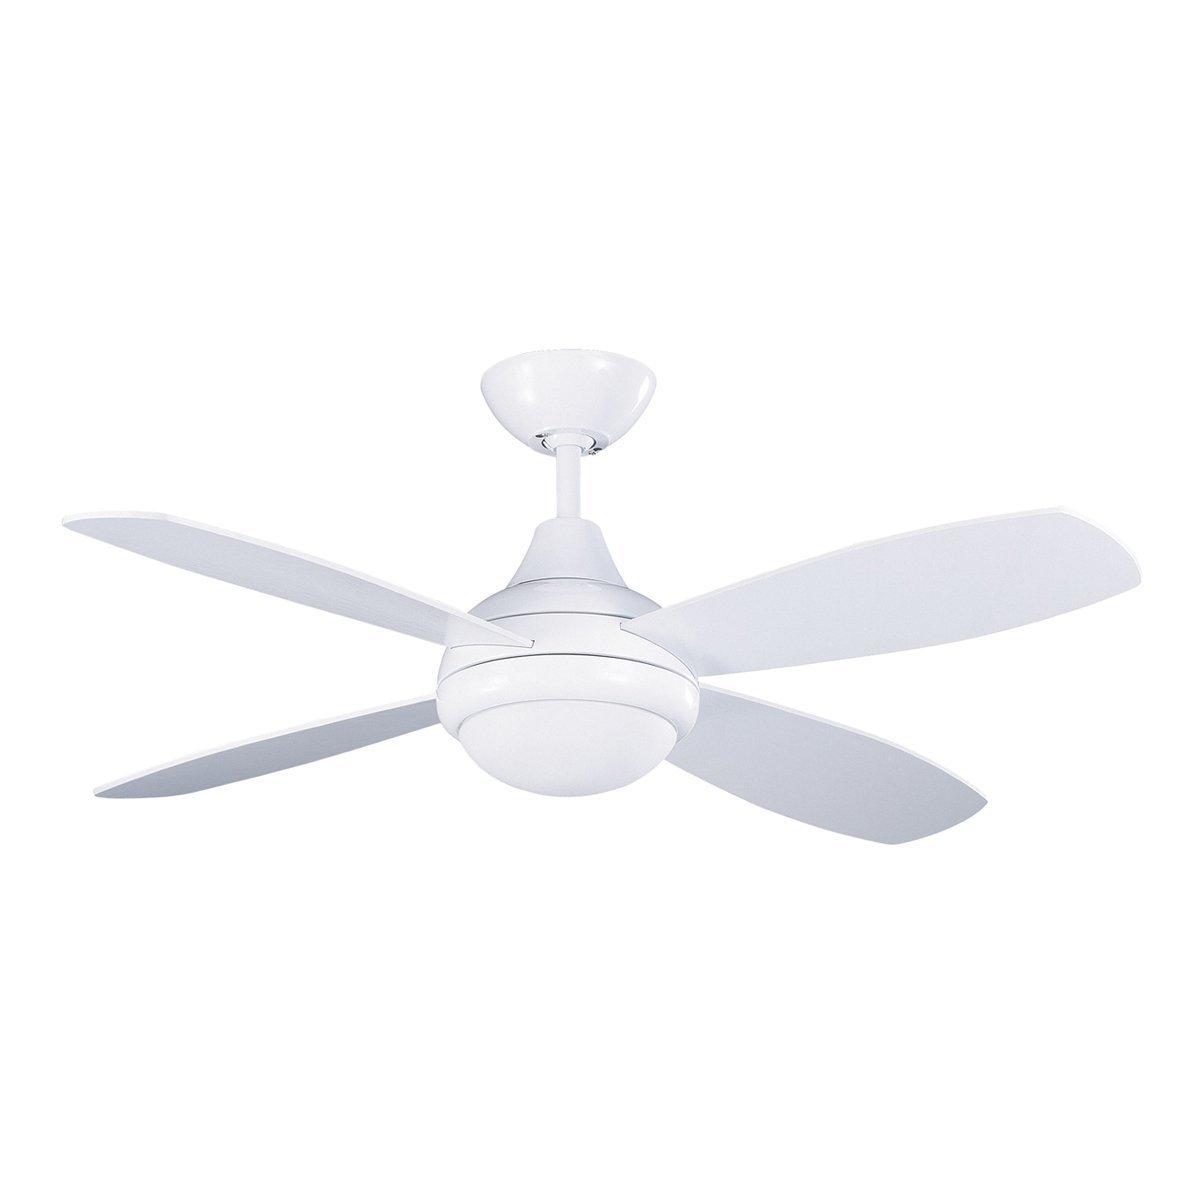 Kendal Adrian 1 Light 42 In Ceiling Fan Silver Nickel Finish Com